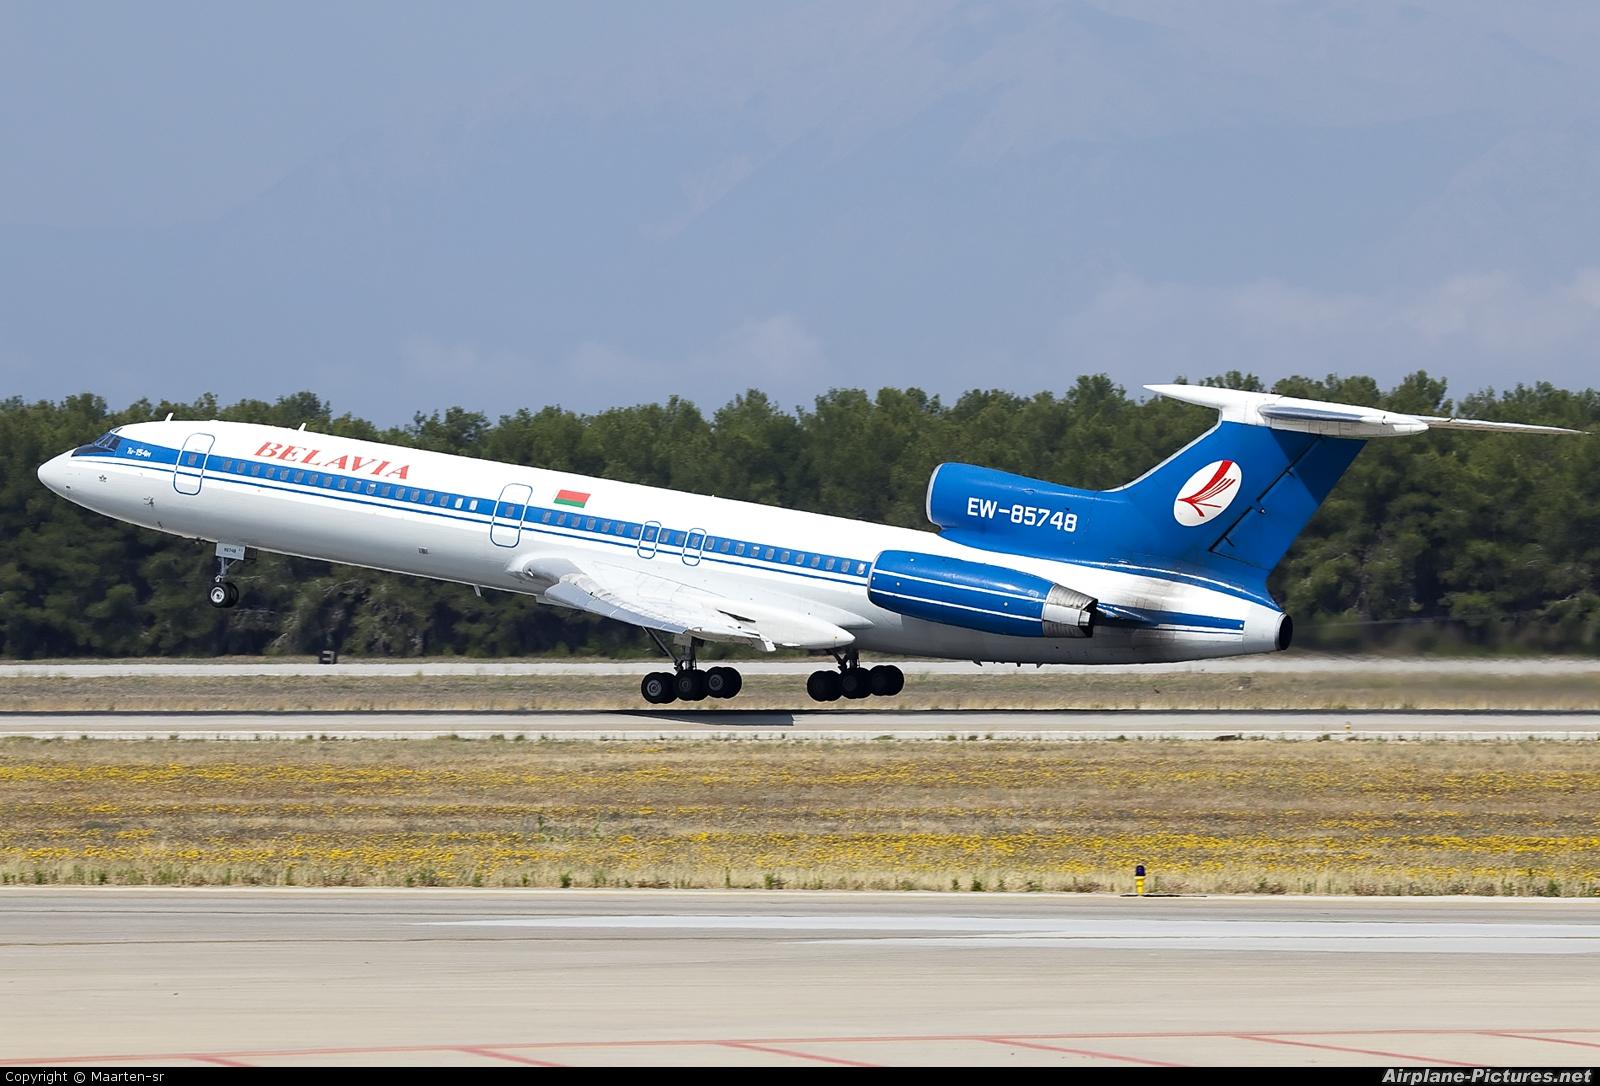 Belavia EW-85748 aircraft at Antalya